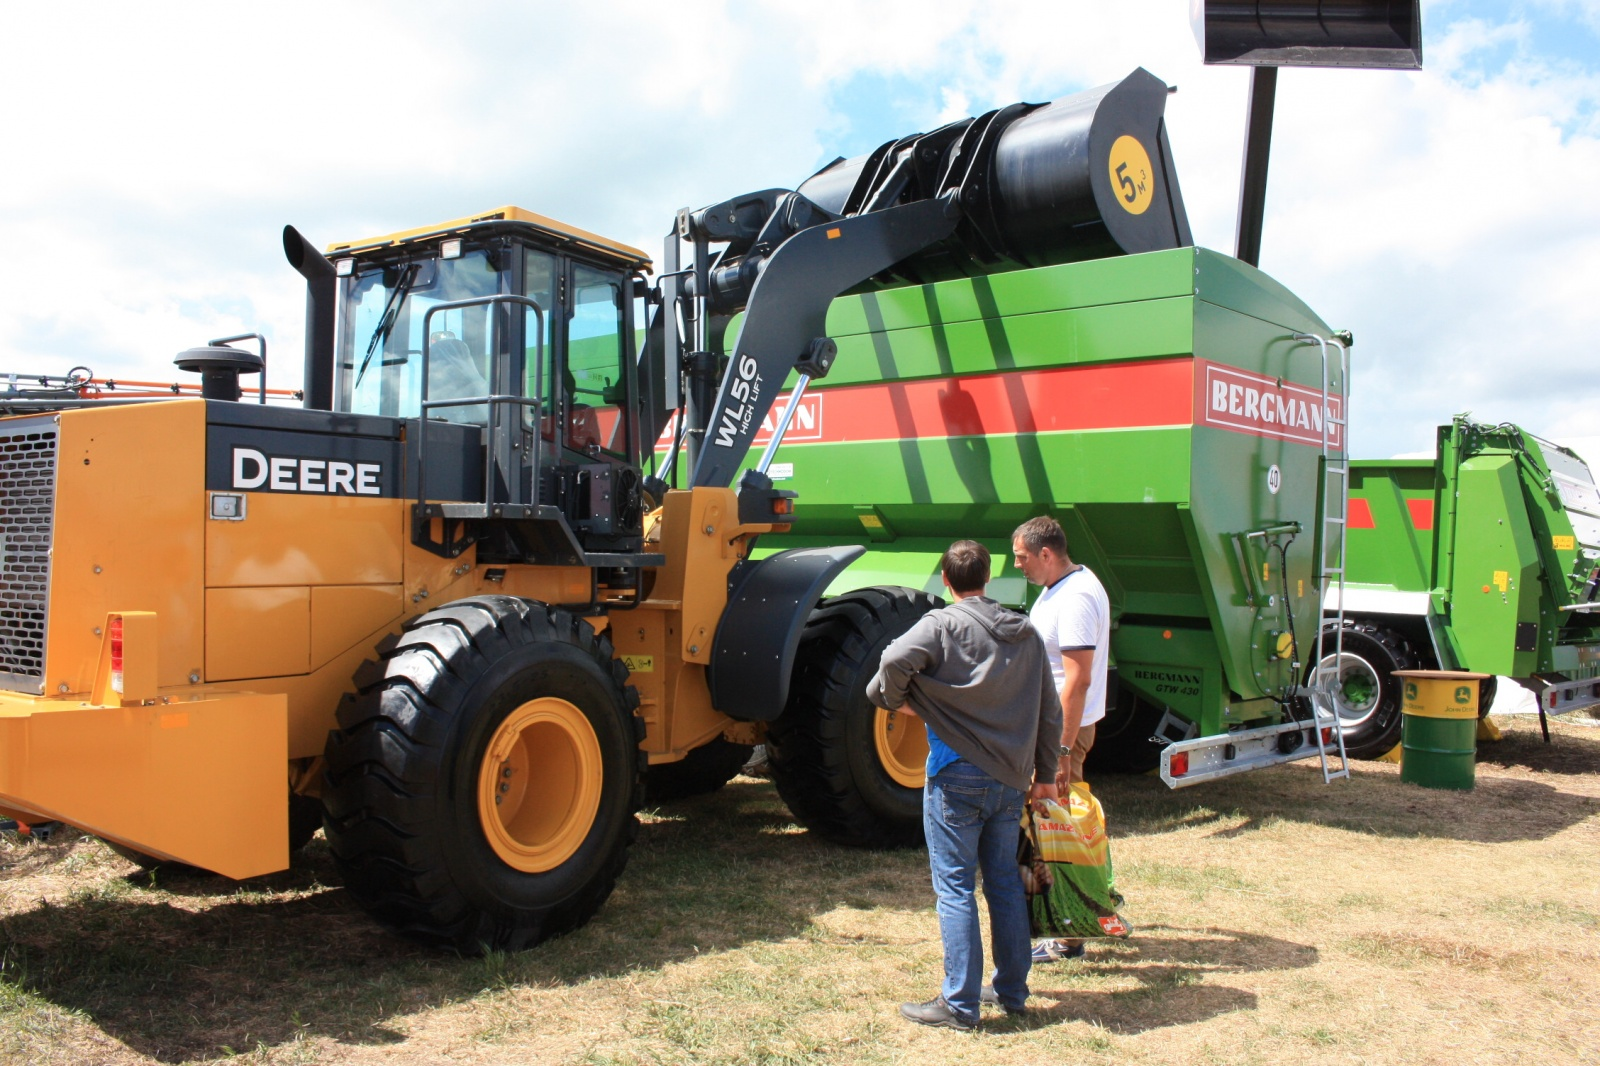 Демонстрация сельскохозяйственной техники John Deere и Bergmann на липецком Дне поля